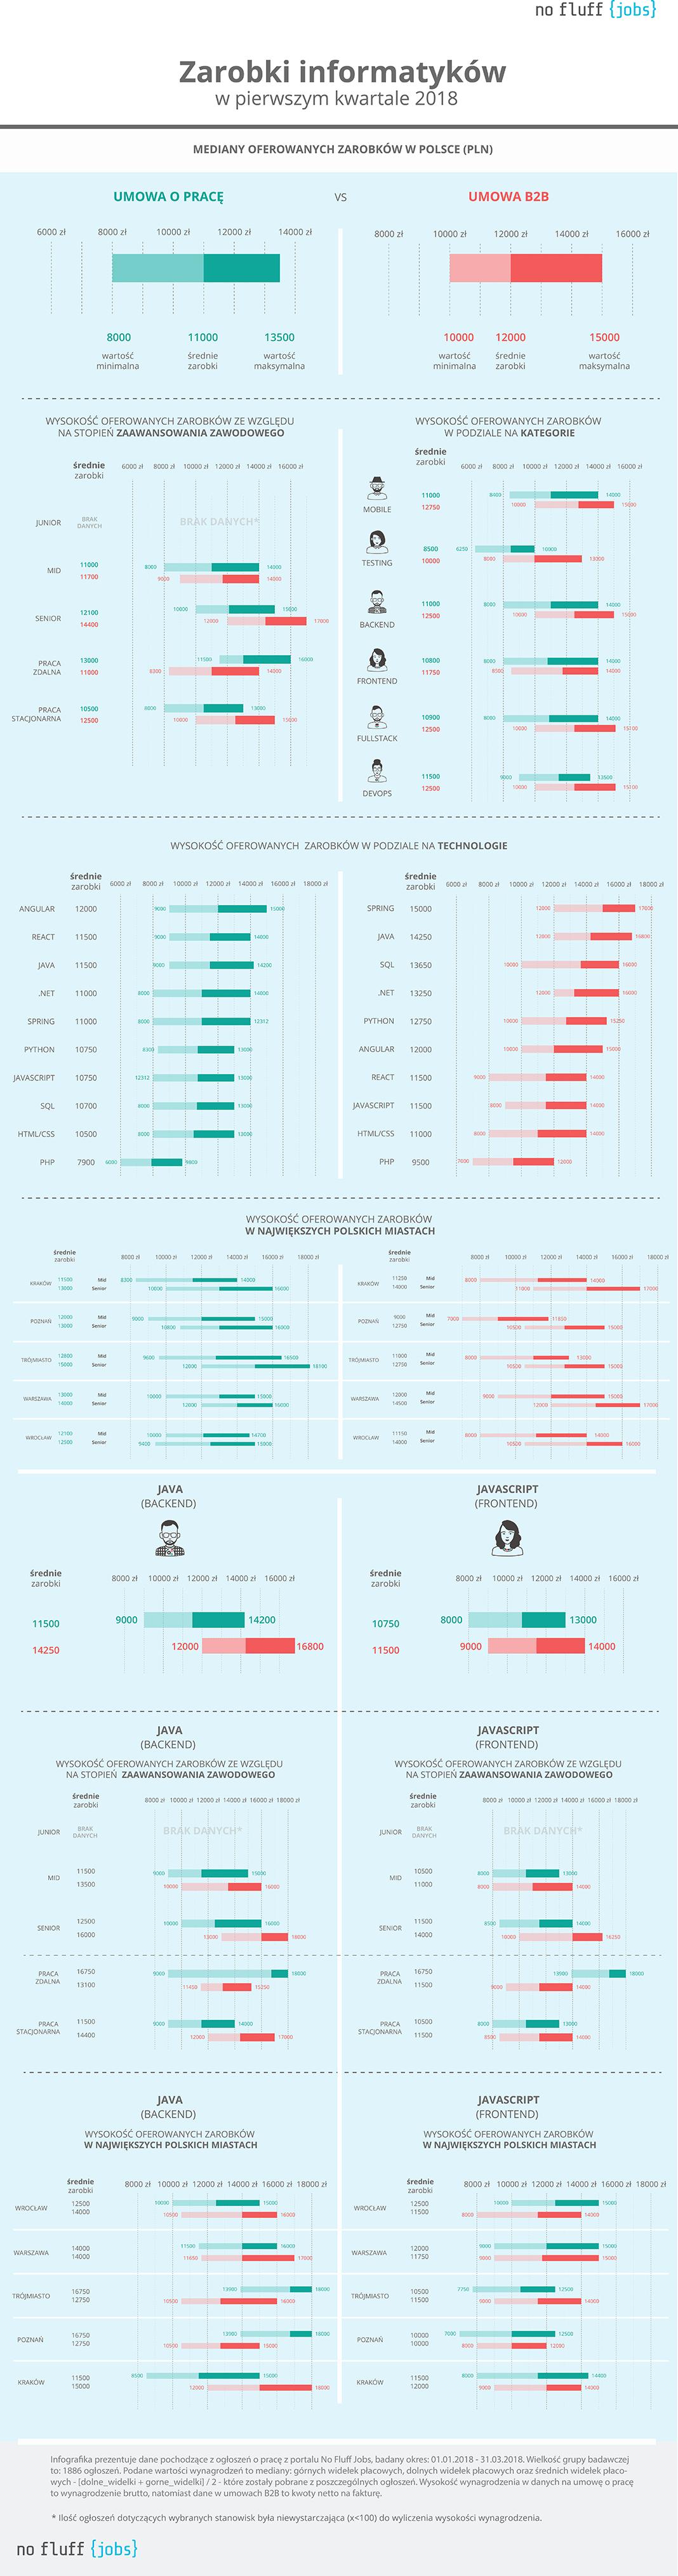 Średnia płaca programisty w Polsce w I kwartale 2018 roku to 11 tys. zł